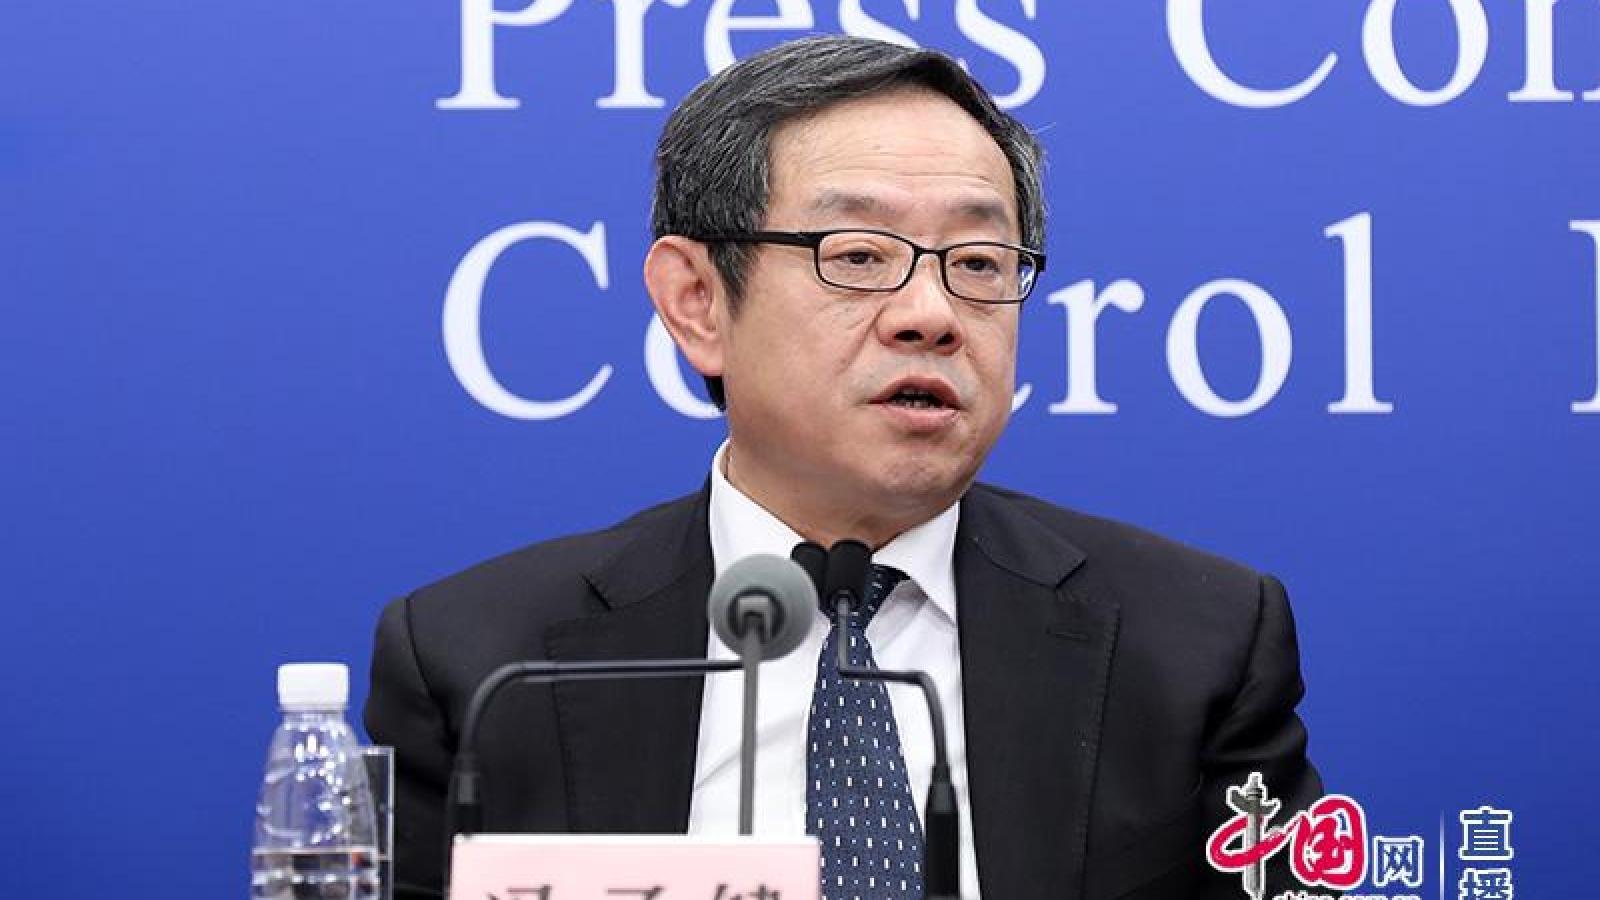 Áp lực dịch xâm nhập, Trung Quốc xem xét tiêm vaccine Covid-19 cho người dưới 18 tuổi